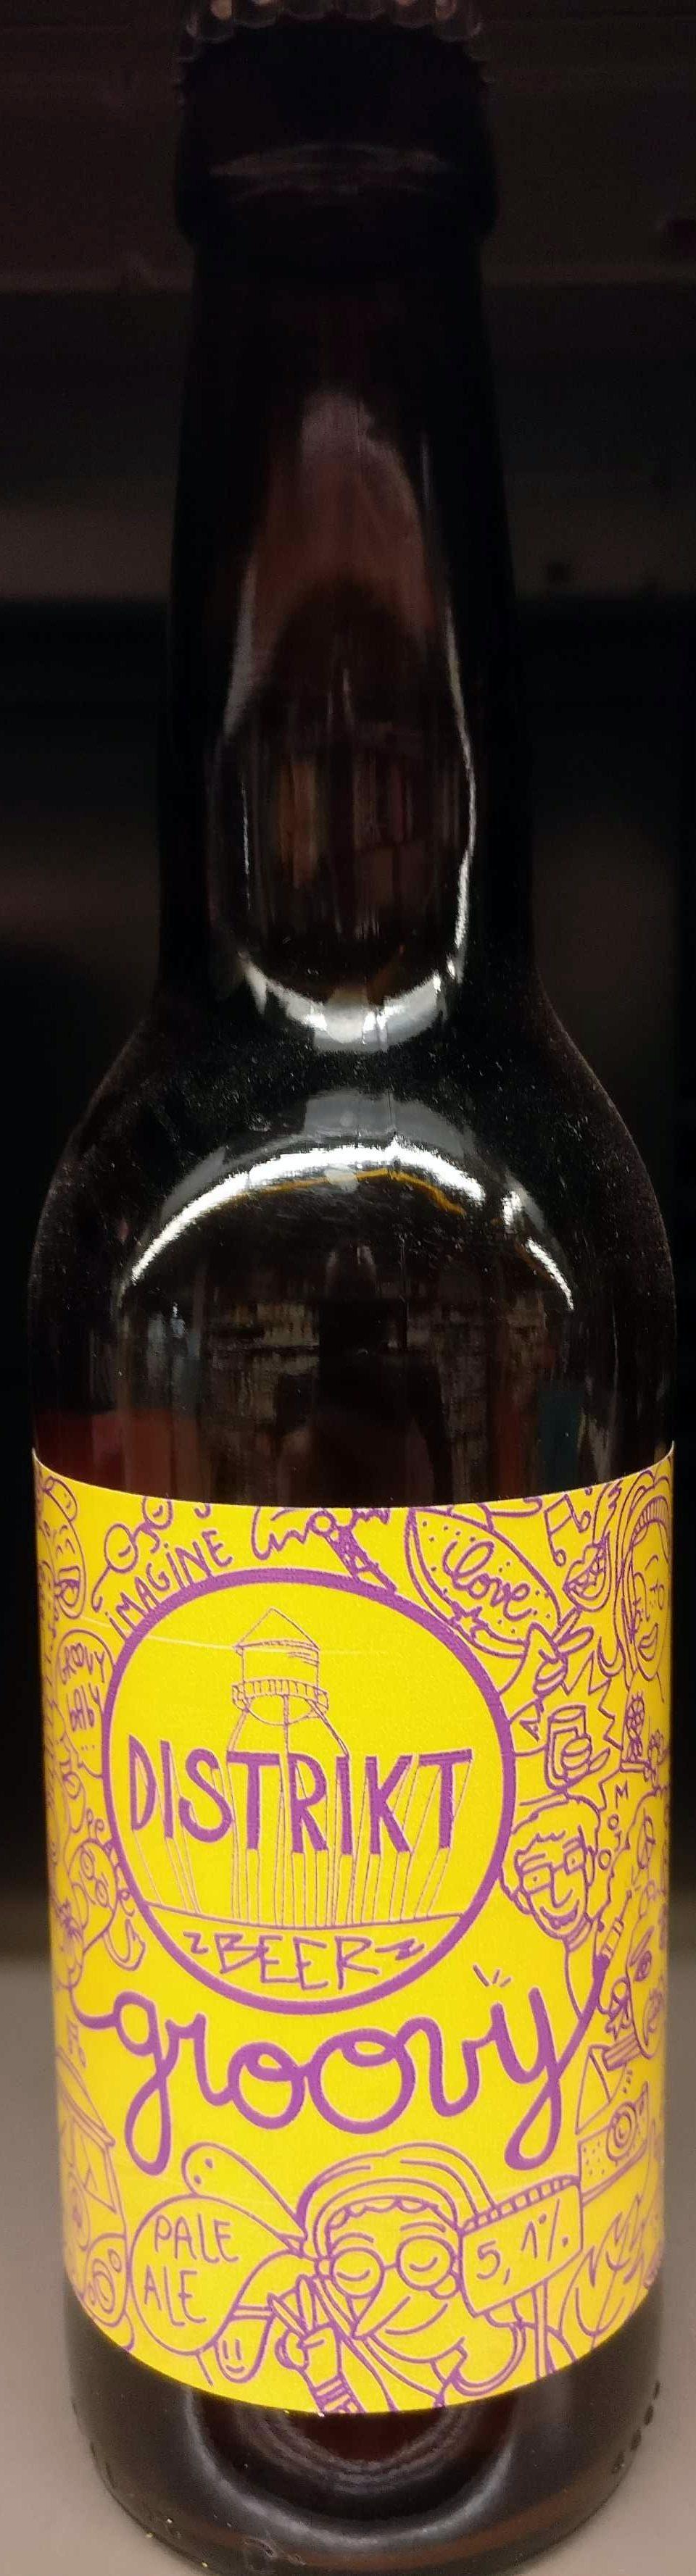 Groovy Pale Ale - Produit